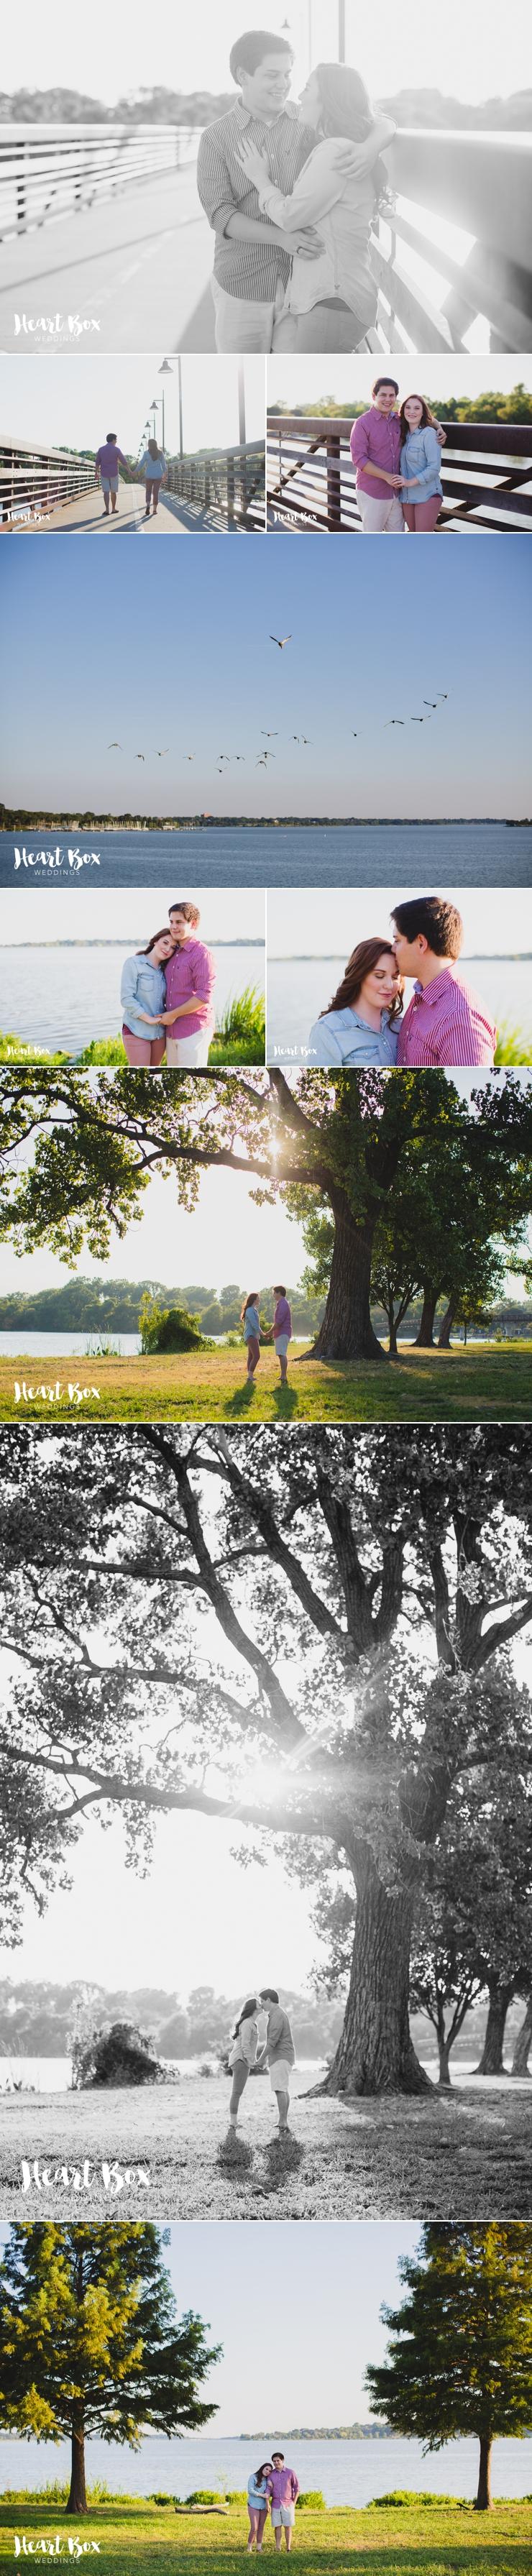 Cornelius Blog Collages 1.jpg